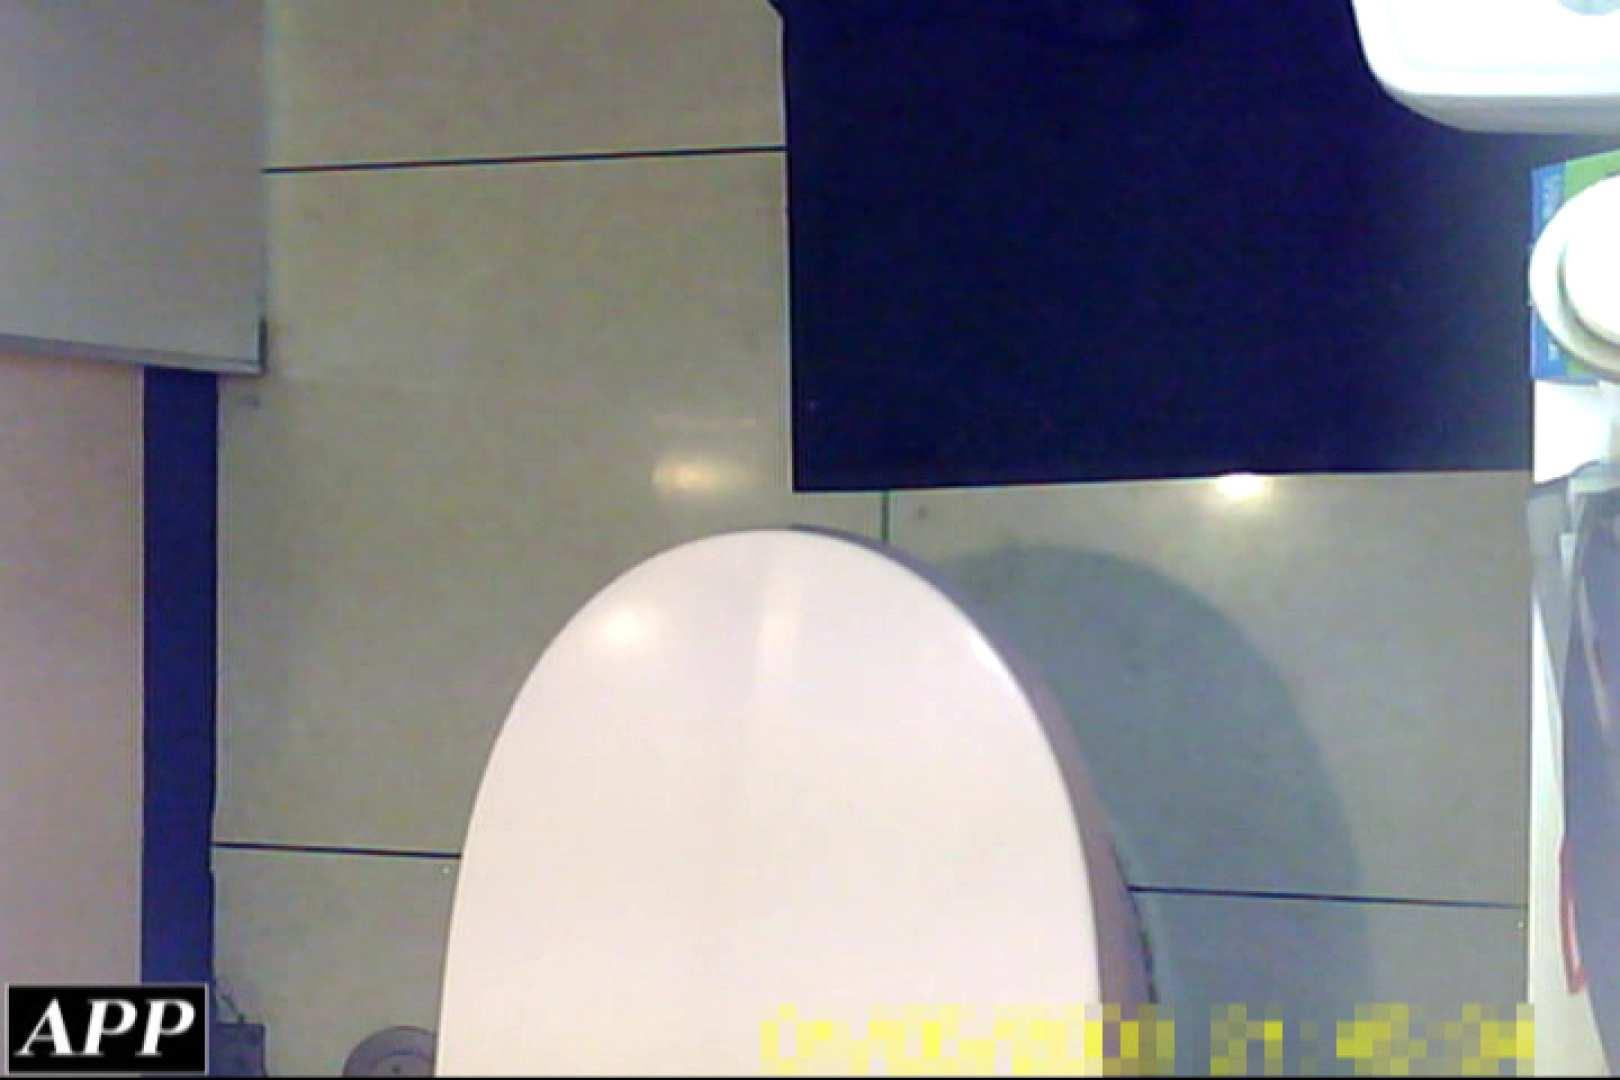 3視点洗面所 vol.82 オマンコ大好き おめこ無修正画像 108画像 68